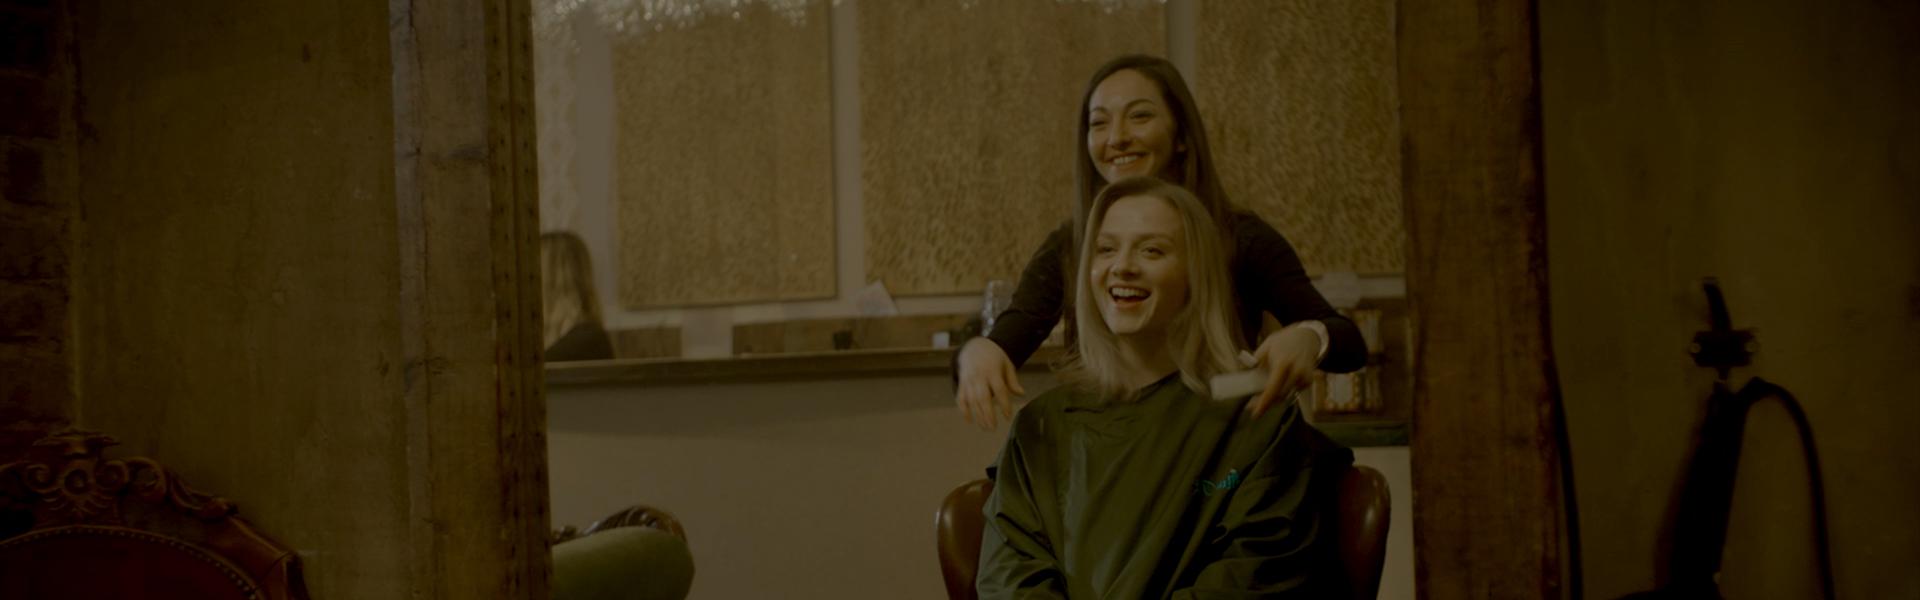 To kvinder hos en frisør